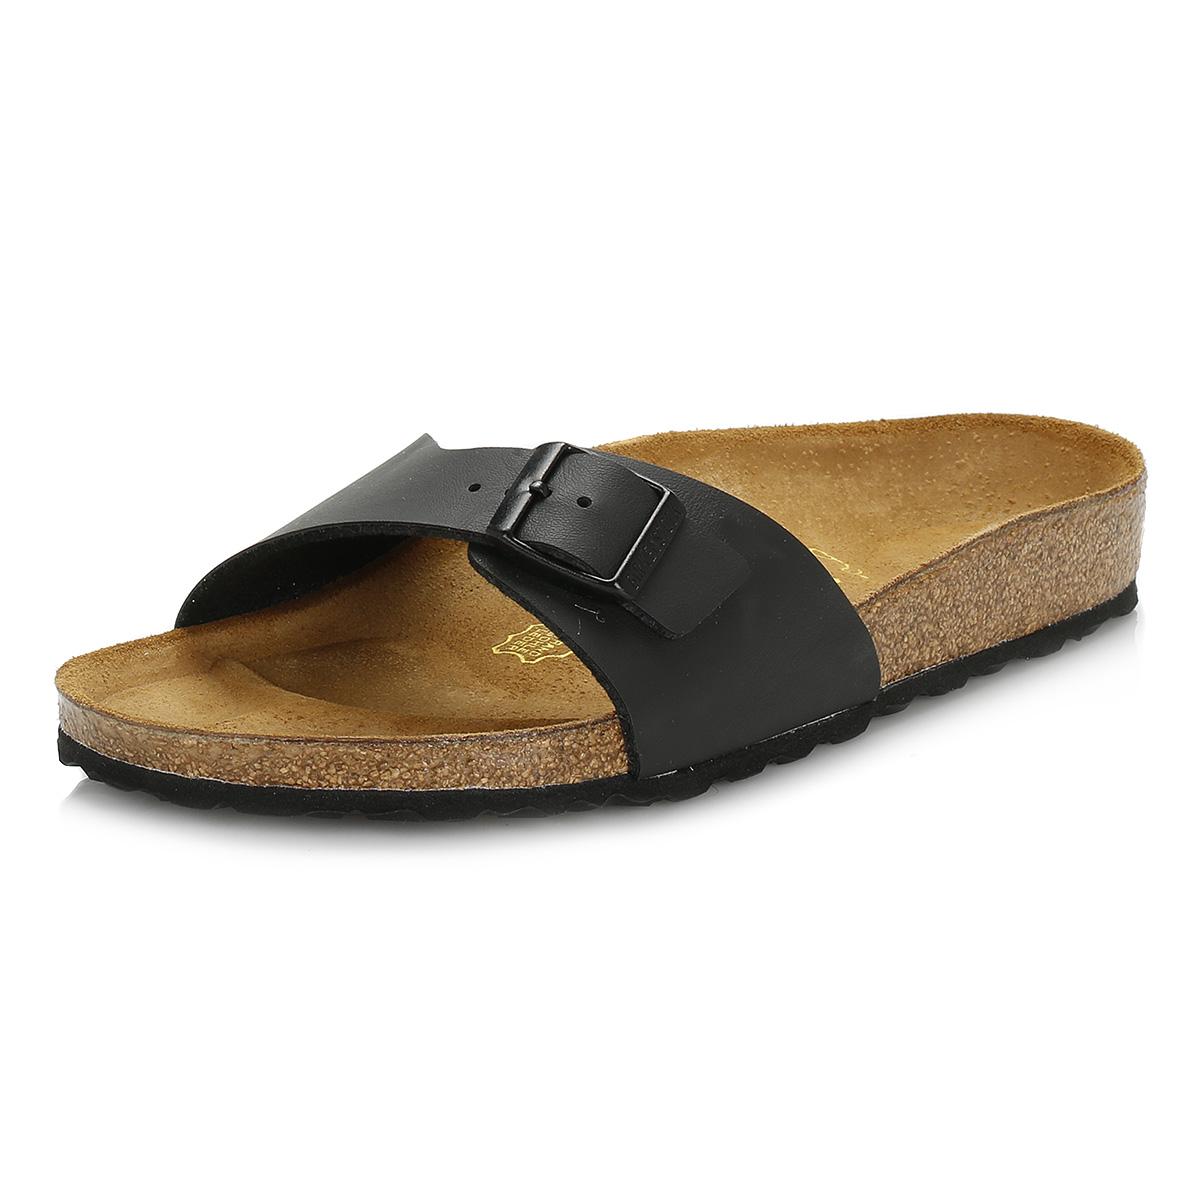 8540a0c870a37 Details about Birkenstock Womens Madrid Black Birko Flor Sandals Slip On  Ladies Summer Shoes